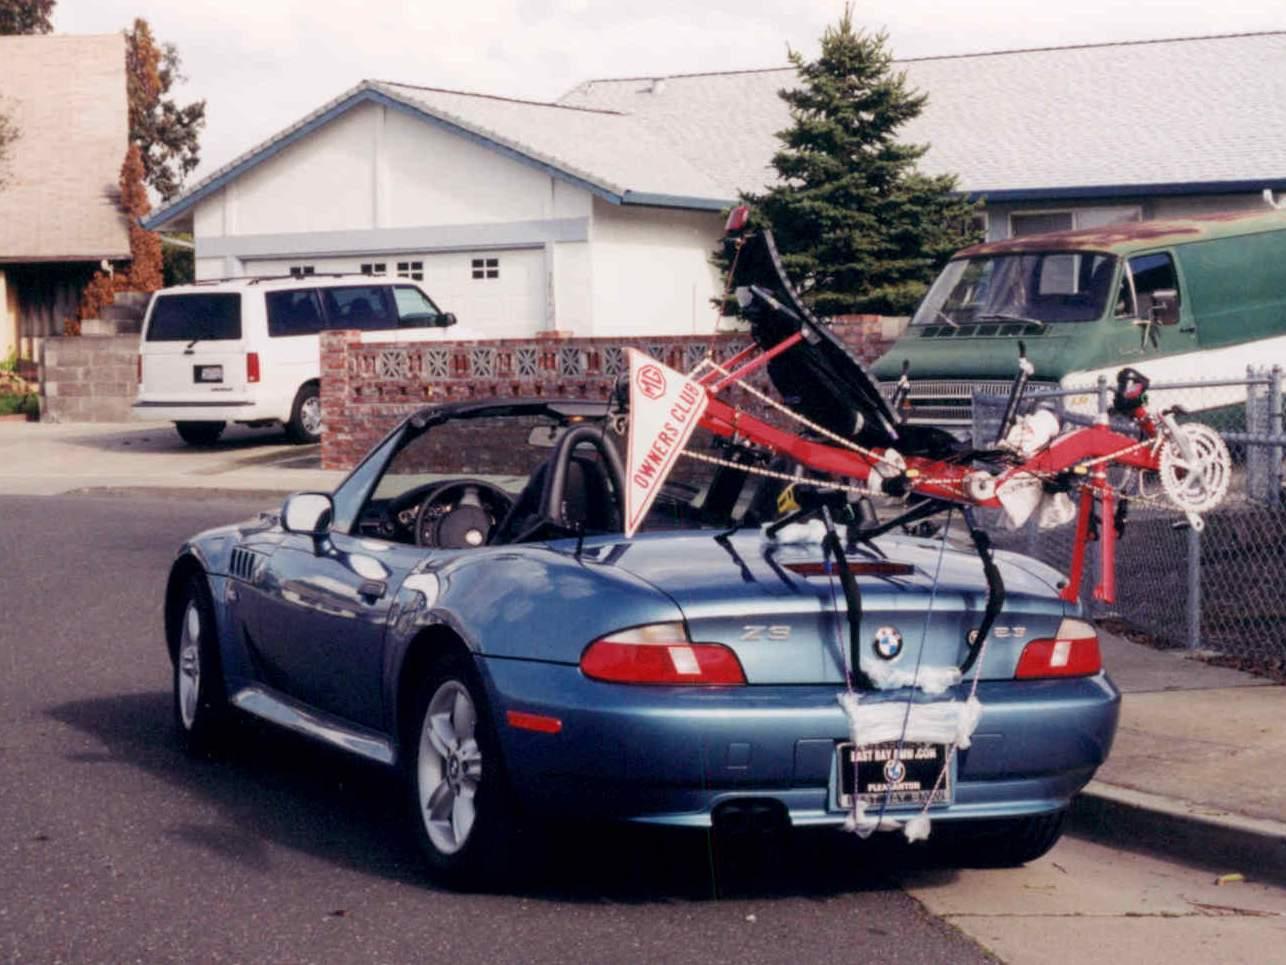 blue 2000 BMW Z3, top down, red Reynolds Wishbone recumbent frame on bike rack